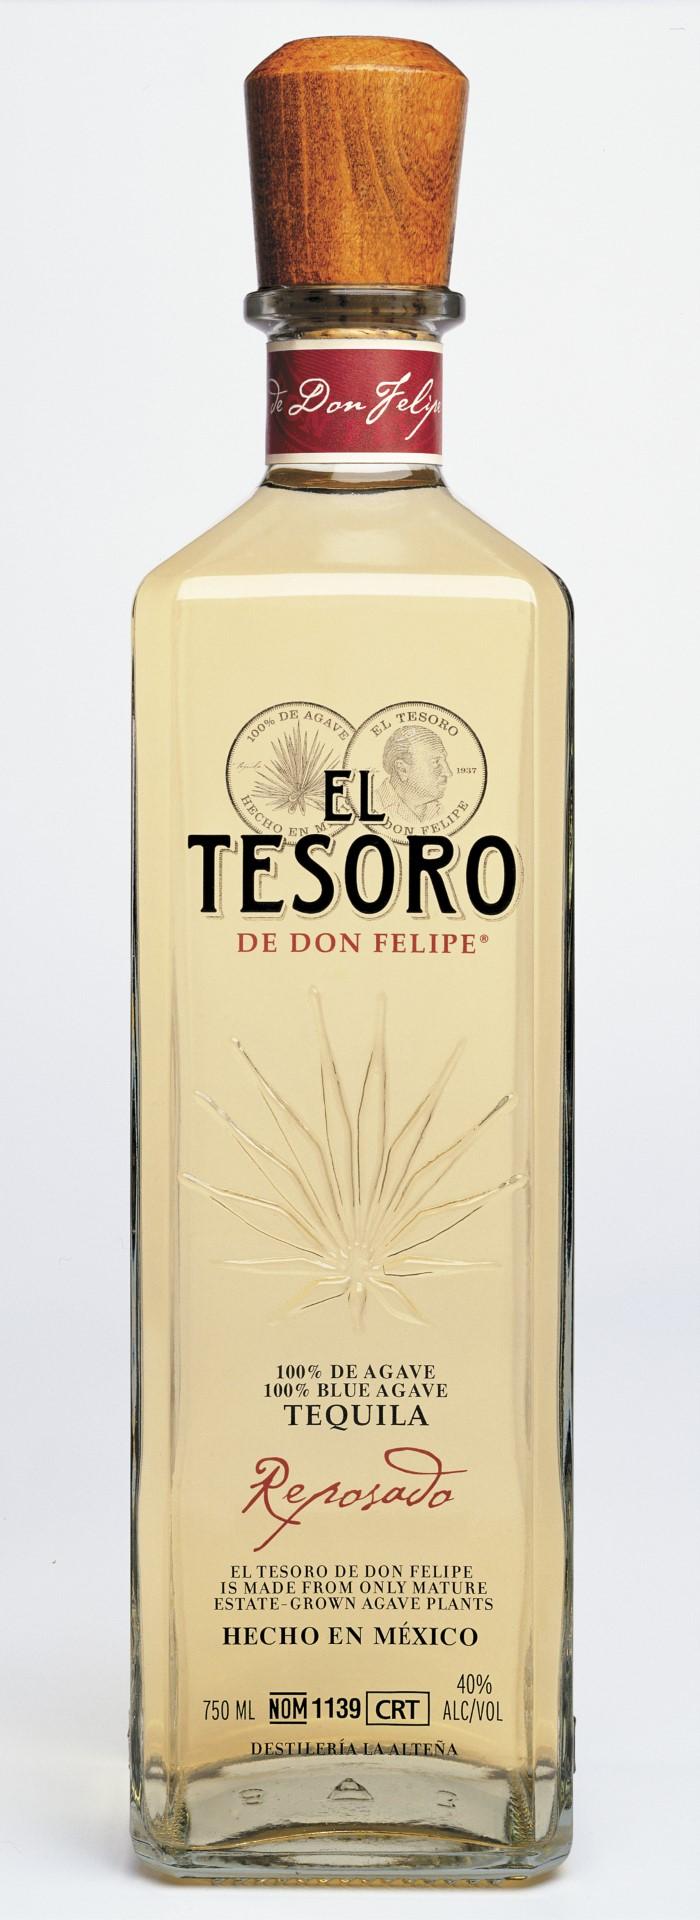 El Tesoro Tequila Reposado